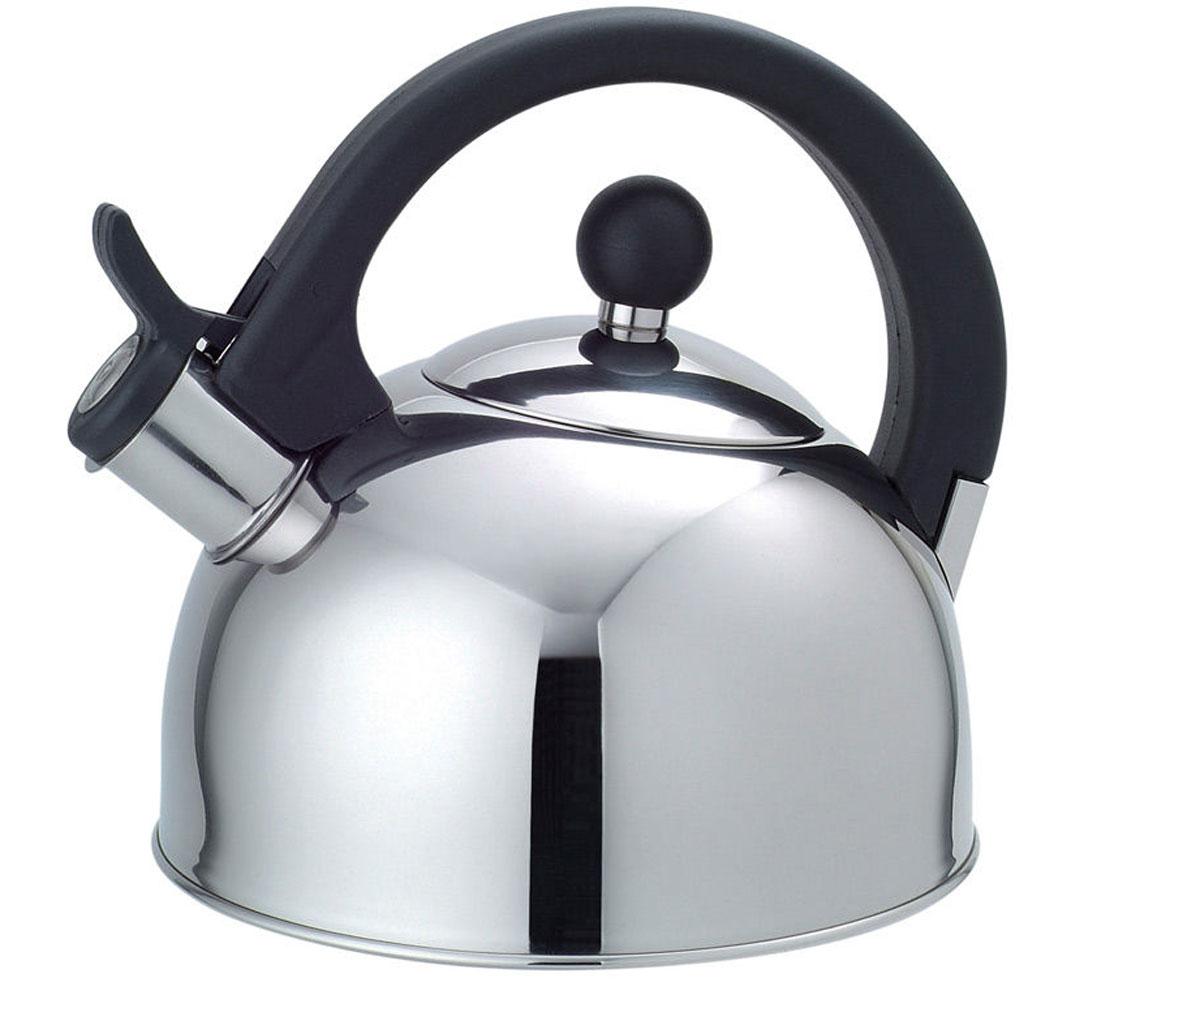 Чайник газовый Добрыня, 3,0 лDO-2902Чайник Добрыня окажется незаменимым помощником в приготовлении чая. Высококачественные материалы обеспечивают продолжительную и безопасную эксплуатацию изделия. Кроме оригинального дизайнерского решения, комбинация высококачественного металла и свистка с внешней поверхностью из бакелита, не позволяет обжечься о раскаленный носик чайника при открытии клапана, для того, чтобы набрать воду или разлить кипяток по чашкам.